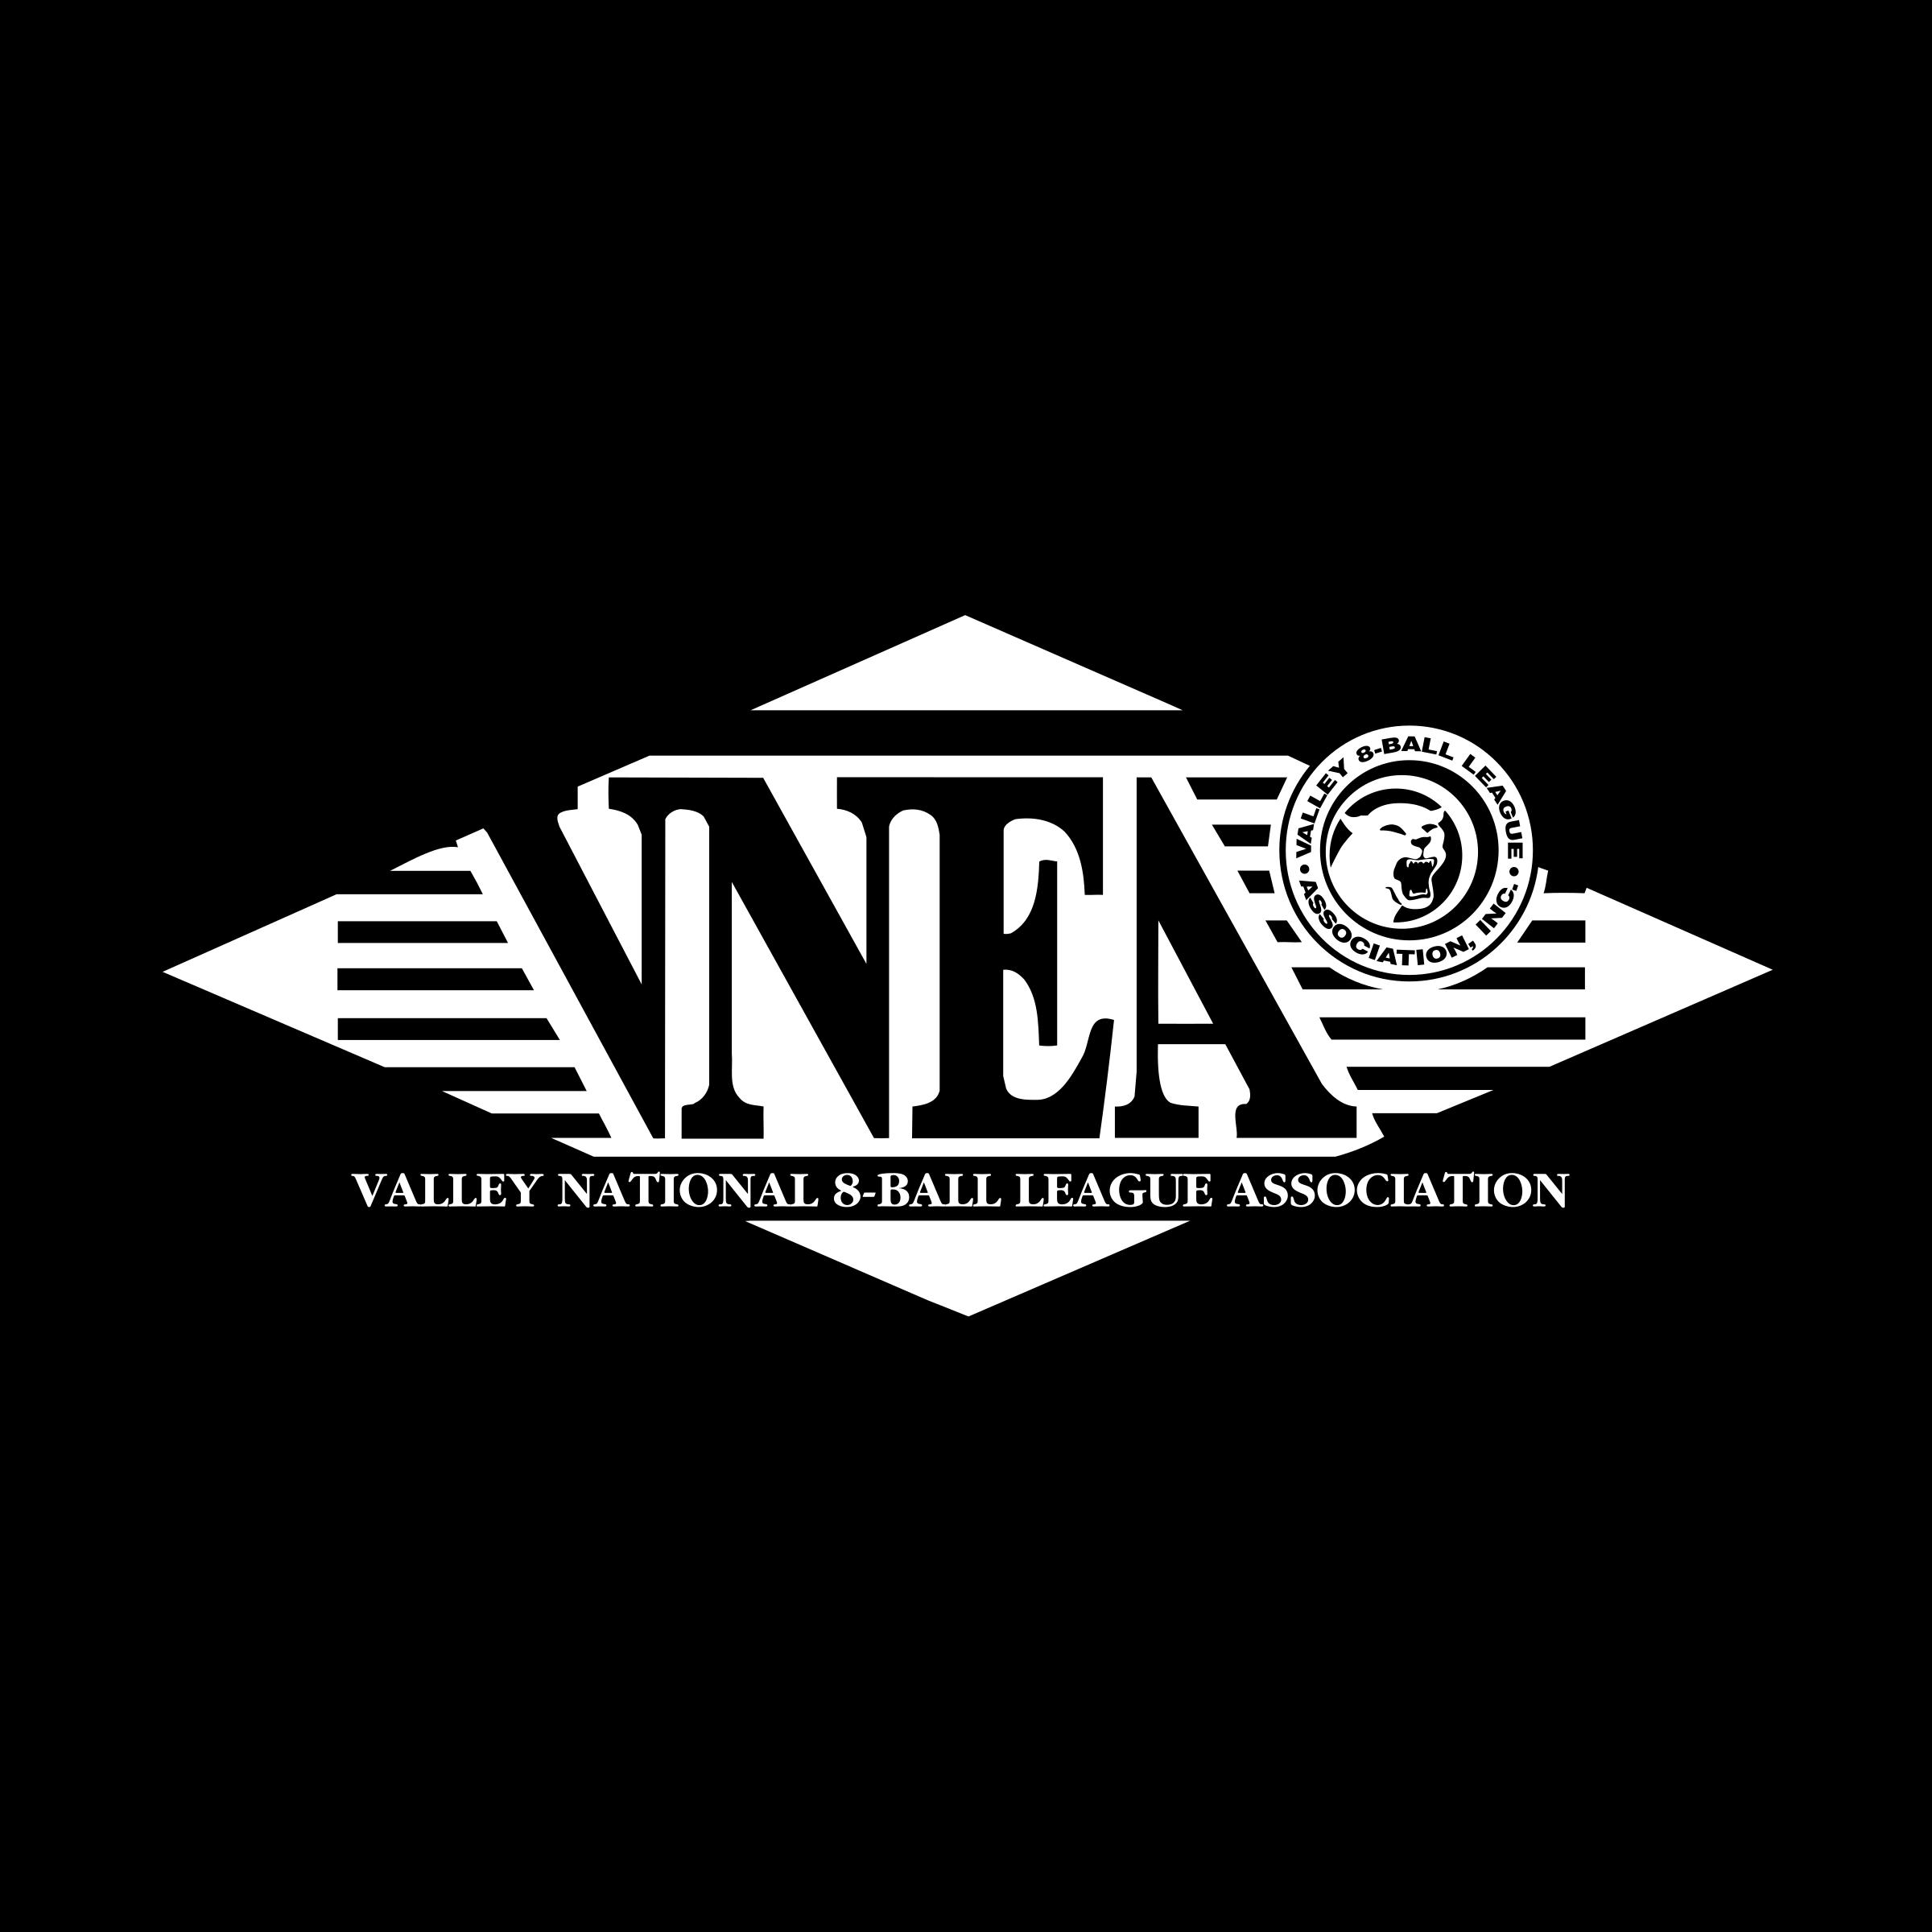 VNEA Logo PNG Transparent & SVG Vector - Freebie Supply